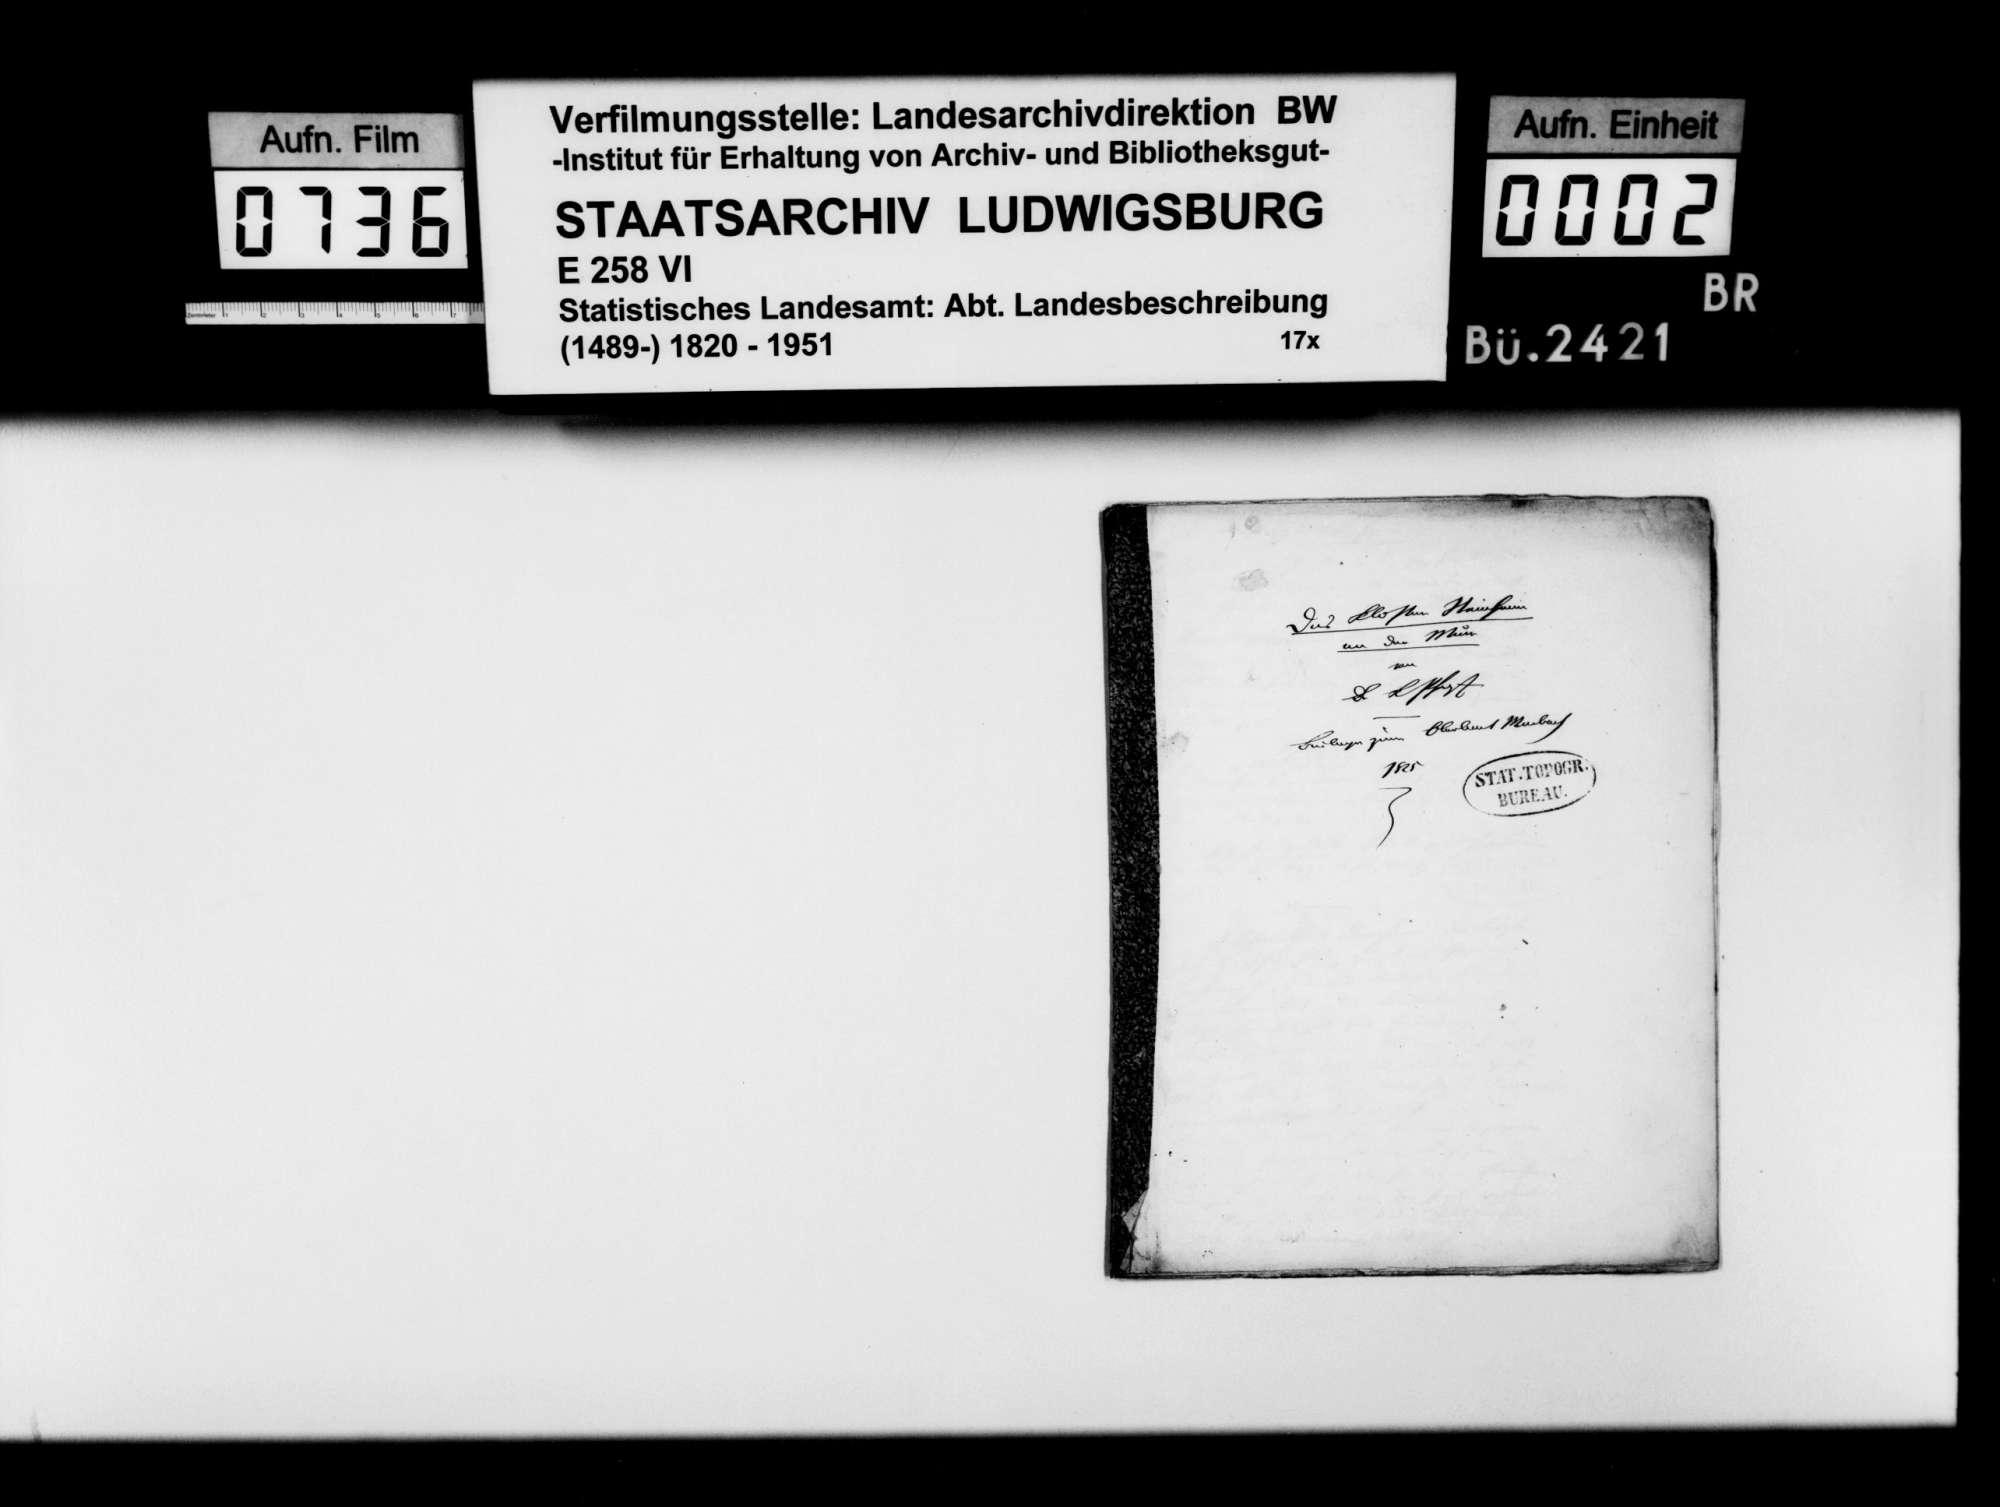 Beiträge des [Esslinger Konrektors] Karl Pfaff zur historiographischen Beschreibung des Oberamts, Bild 1